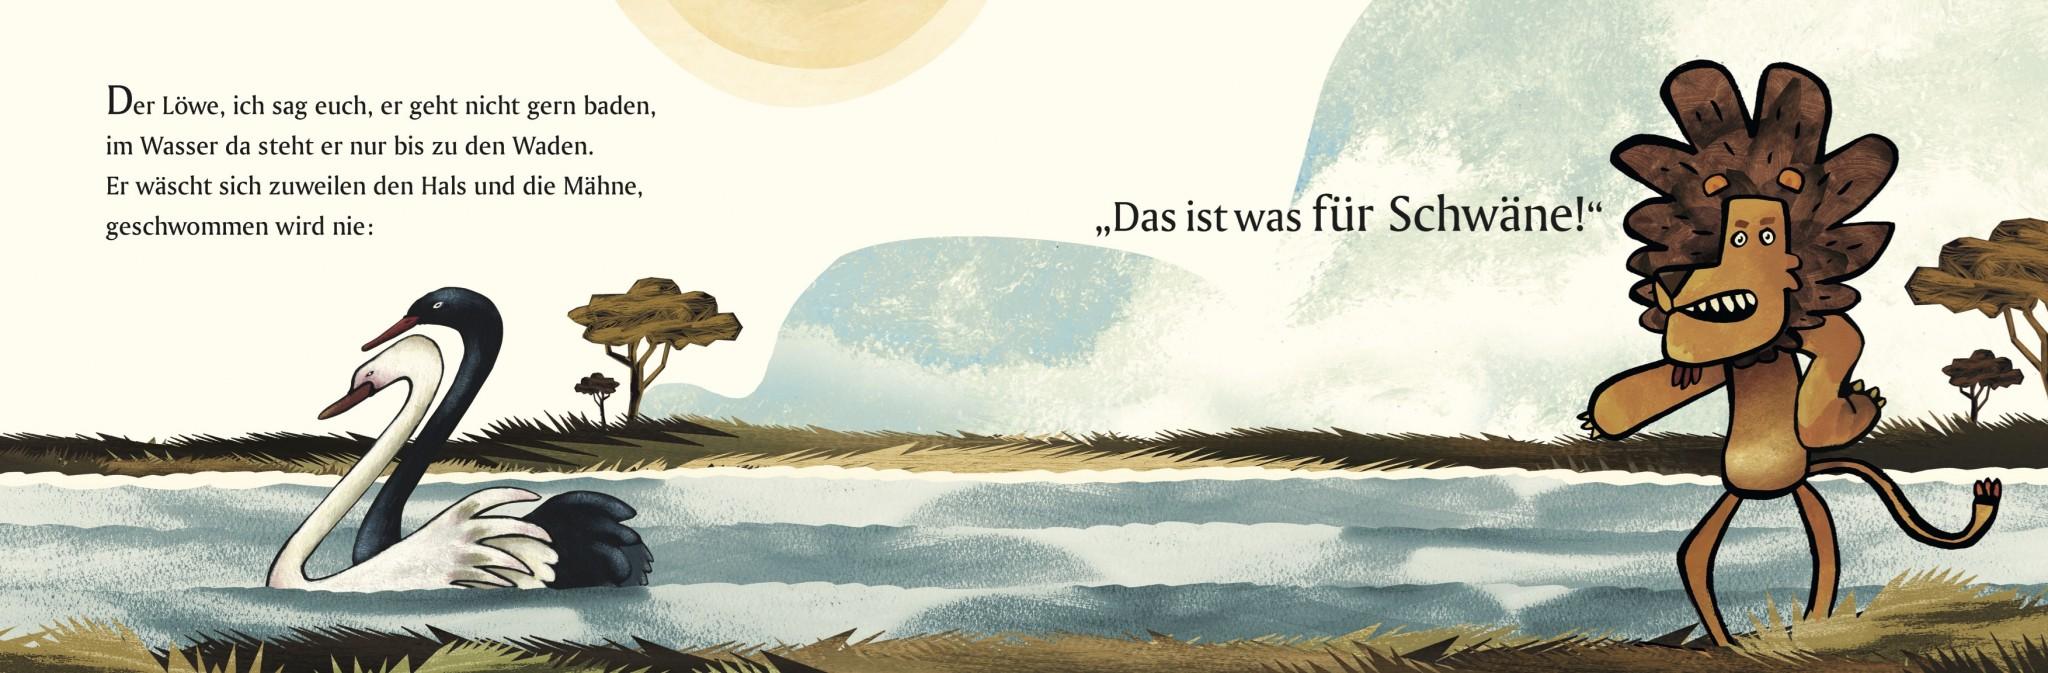 Martin Baltscheit, Die Geschichte vom Löwen, der nicht schwimmen konnte © 2016 Beltz & Gelberg in der Verlagsgruppe Beltz ∙ Weinheim Basel